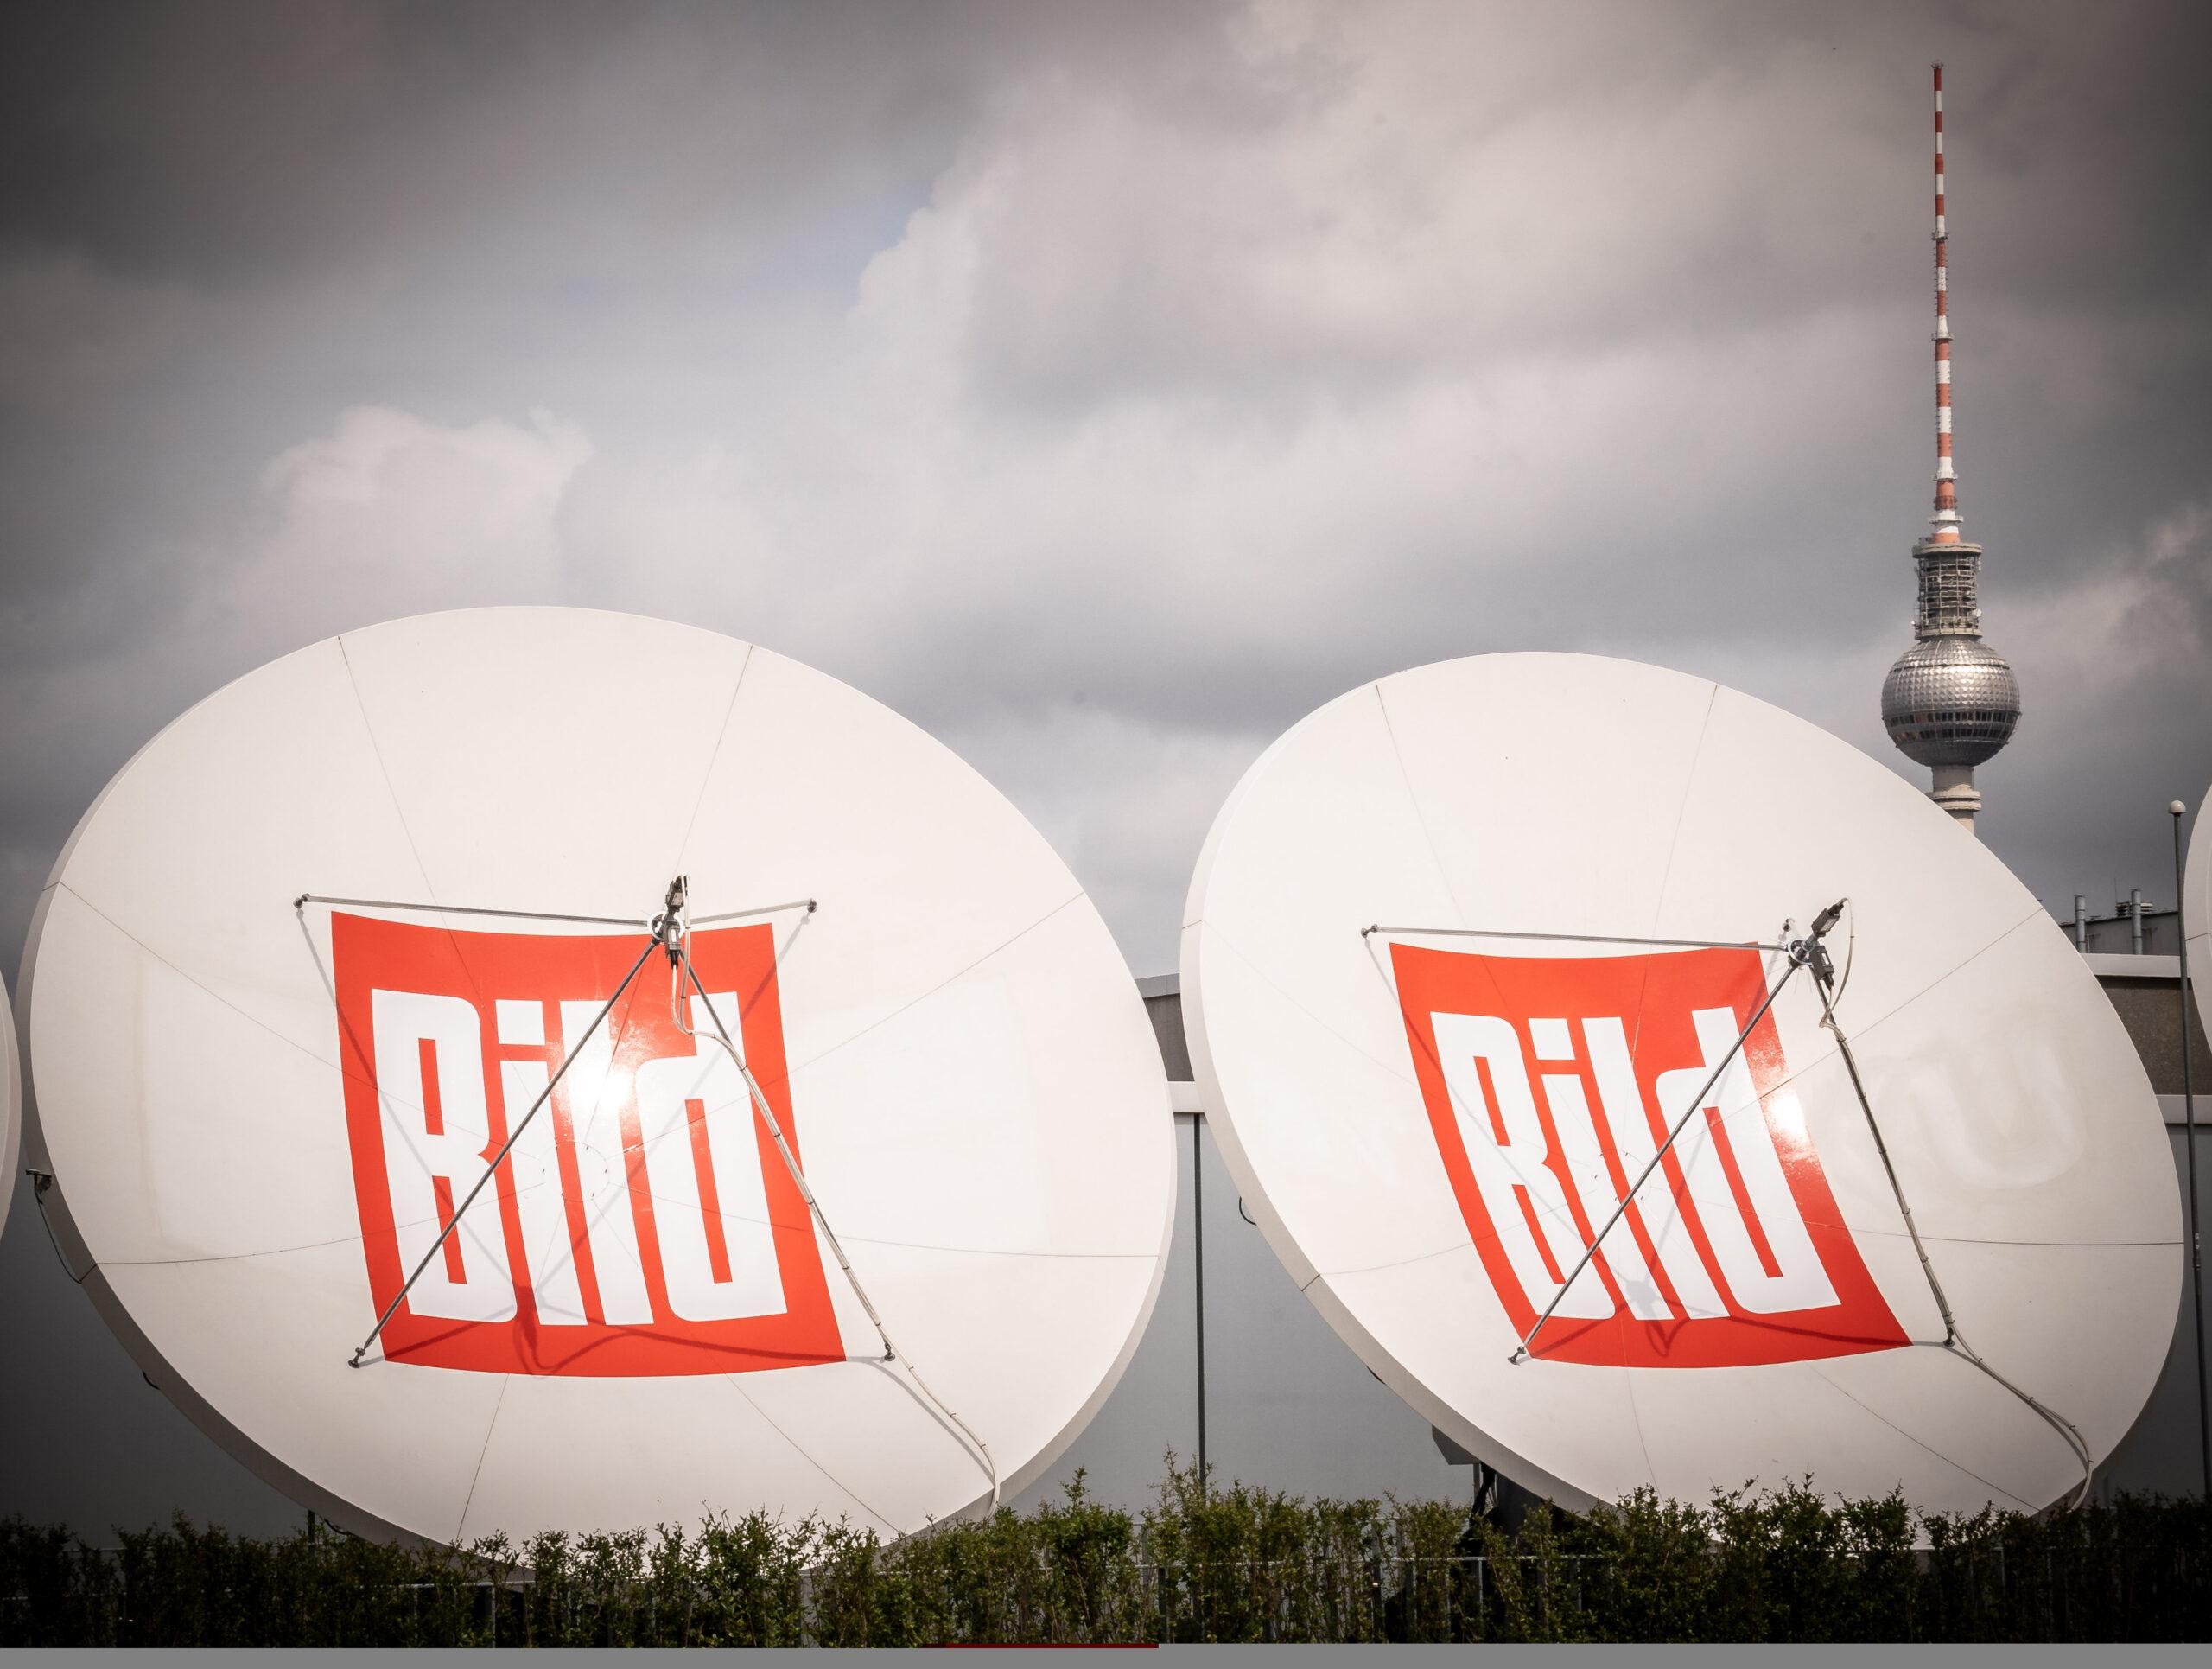 Der neue TV-Sender BILD ist am 22.8.2021 um 9 Uhr gestartet.